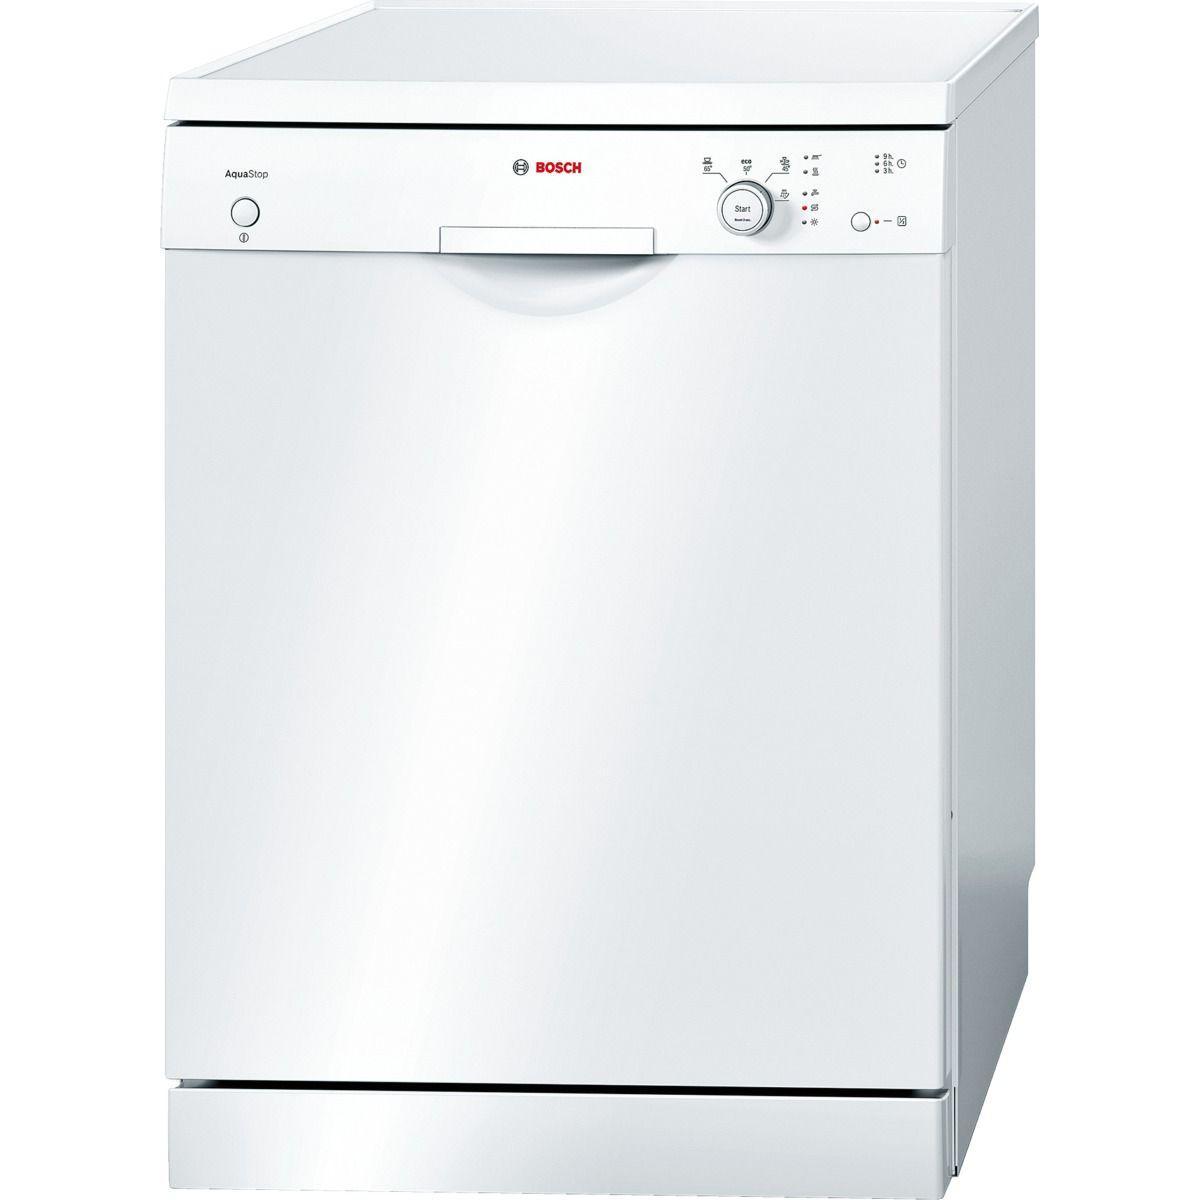 Lave-vaisselle 60cm bosch sms40d12eu - 2% de remise immédiate avec le code : cool2 (photo)